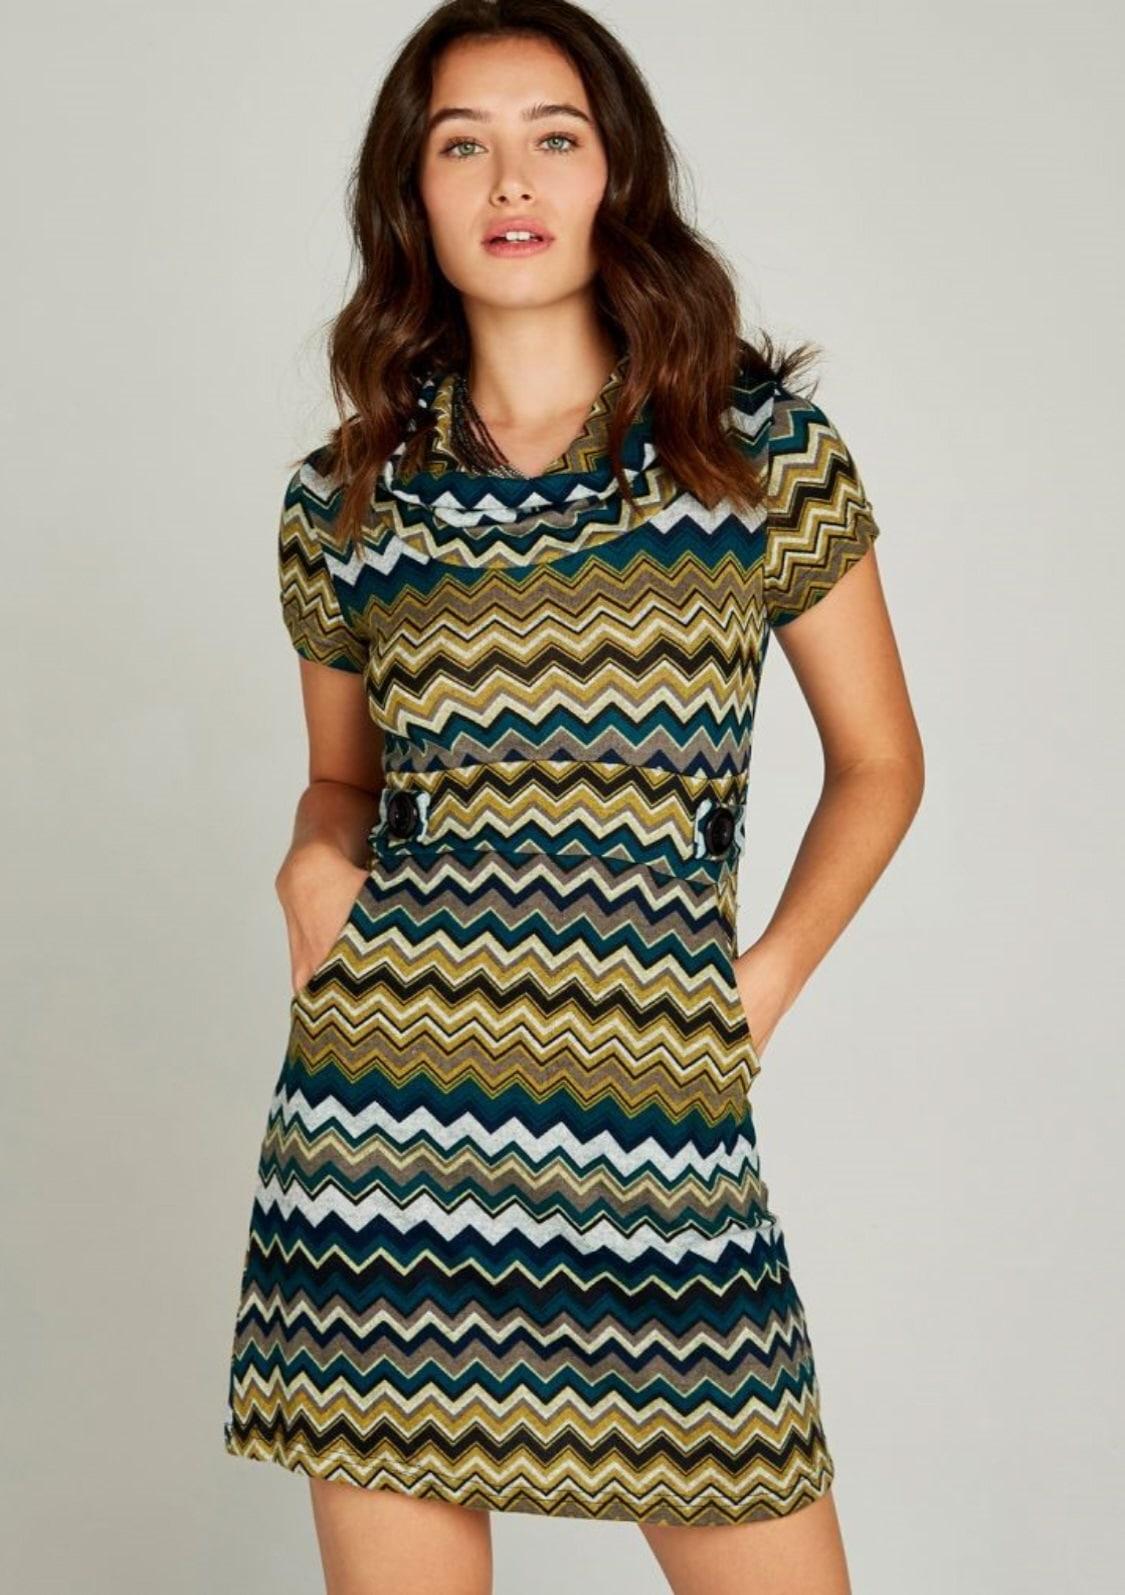 Image of Apricot Strickkleid »Chevron Stripe Epaulette Dress«